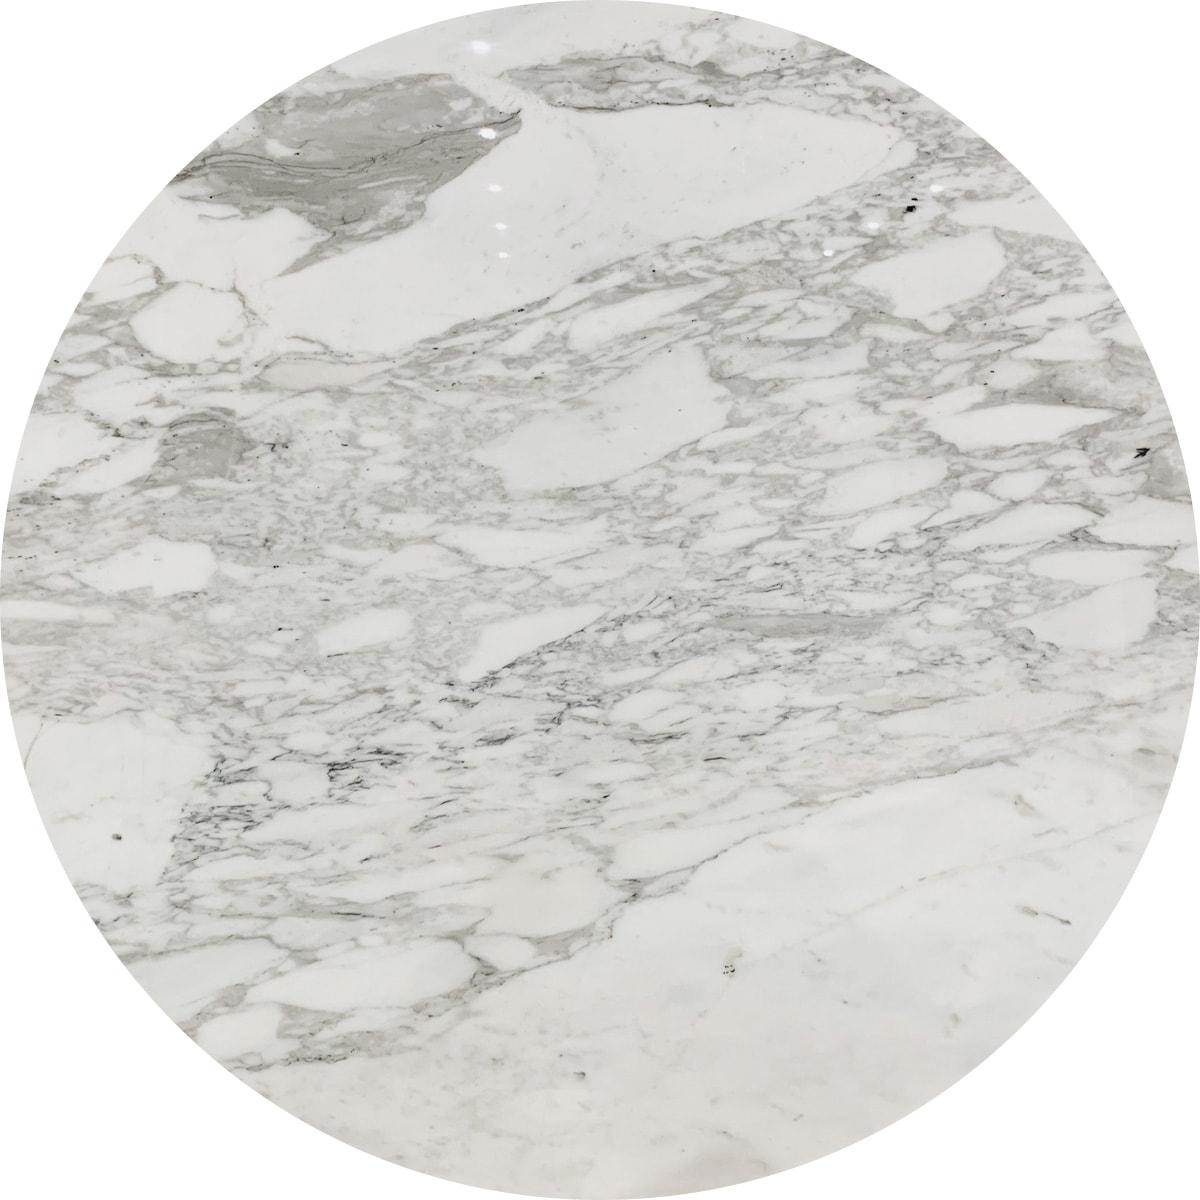 Saarinen Collection Round Tables(サーリネンテーブル)Φ1370mm アラベスカート 164TRMA2 (011)